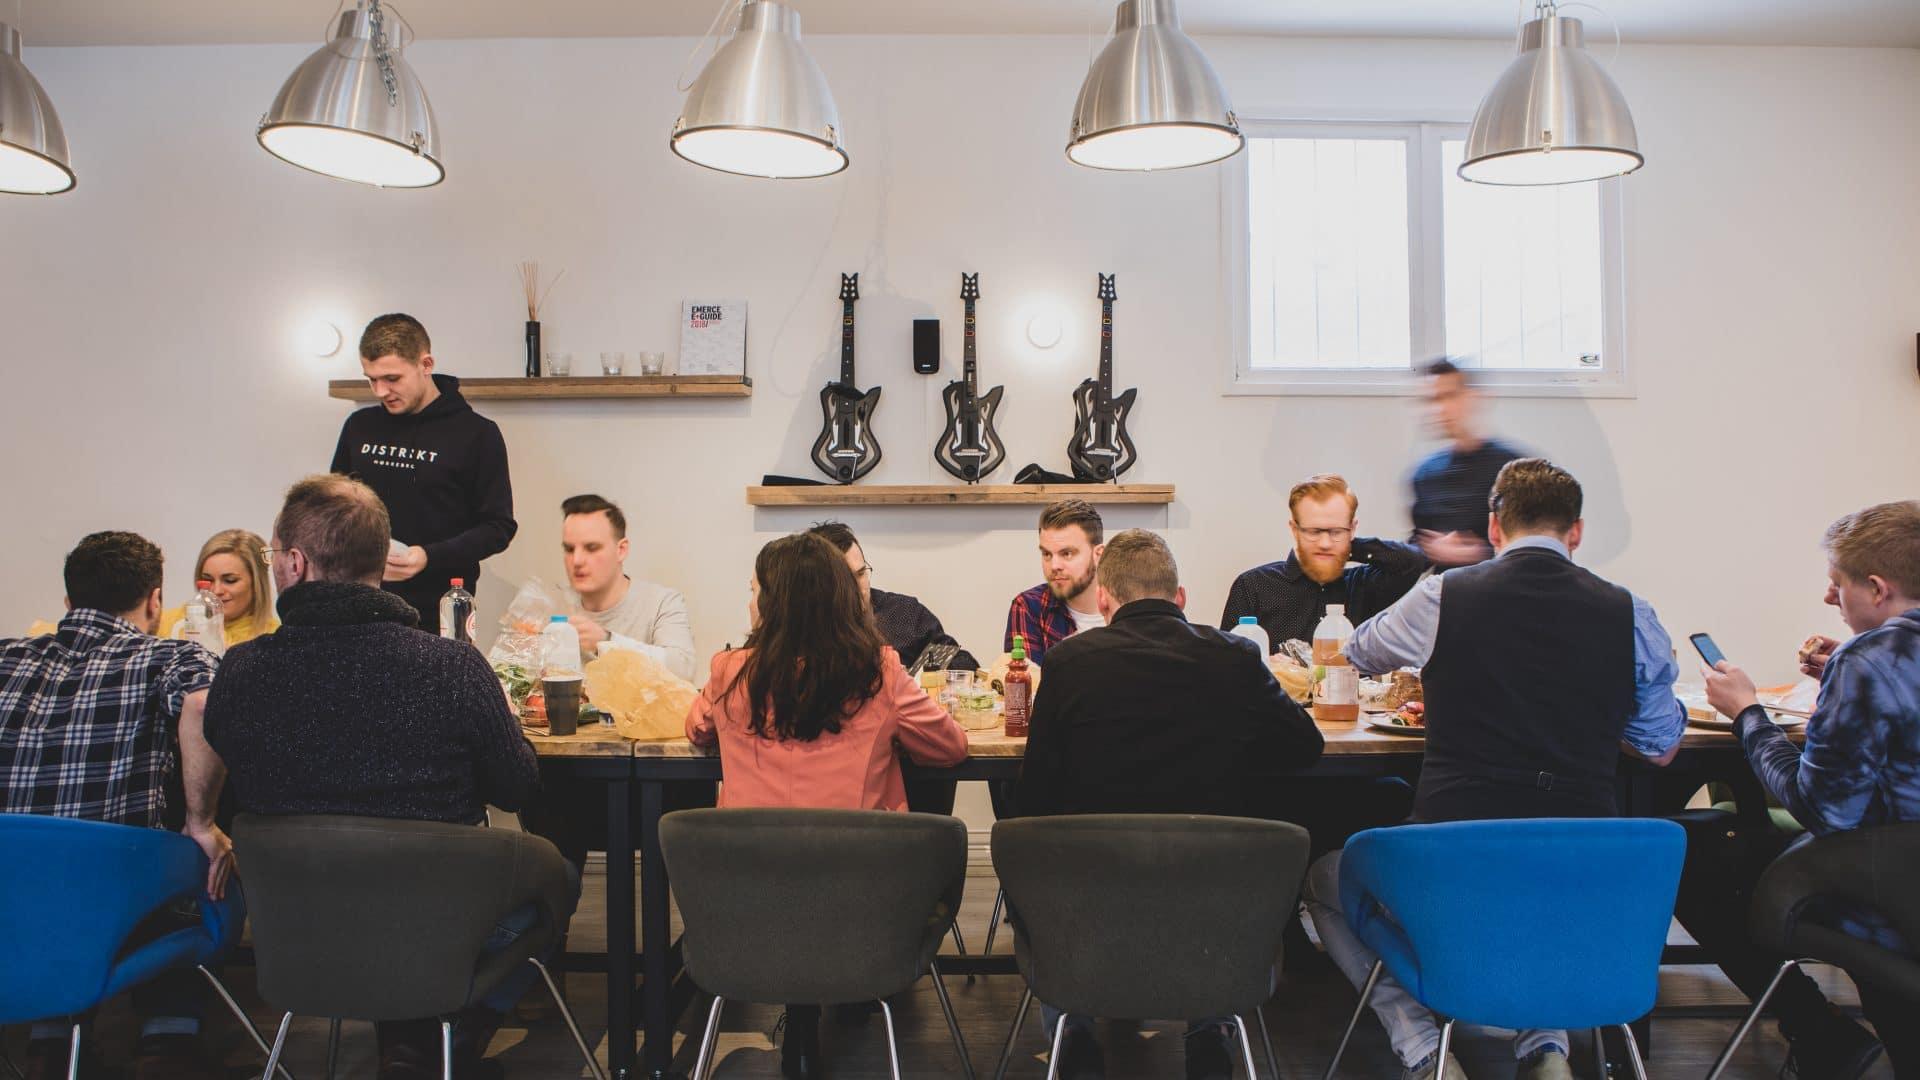 een kleinschalig en gezellig bureau met Magento specialisten